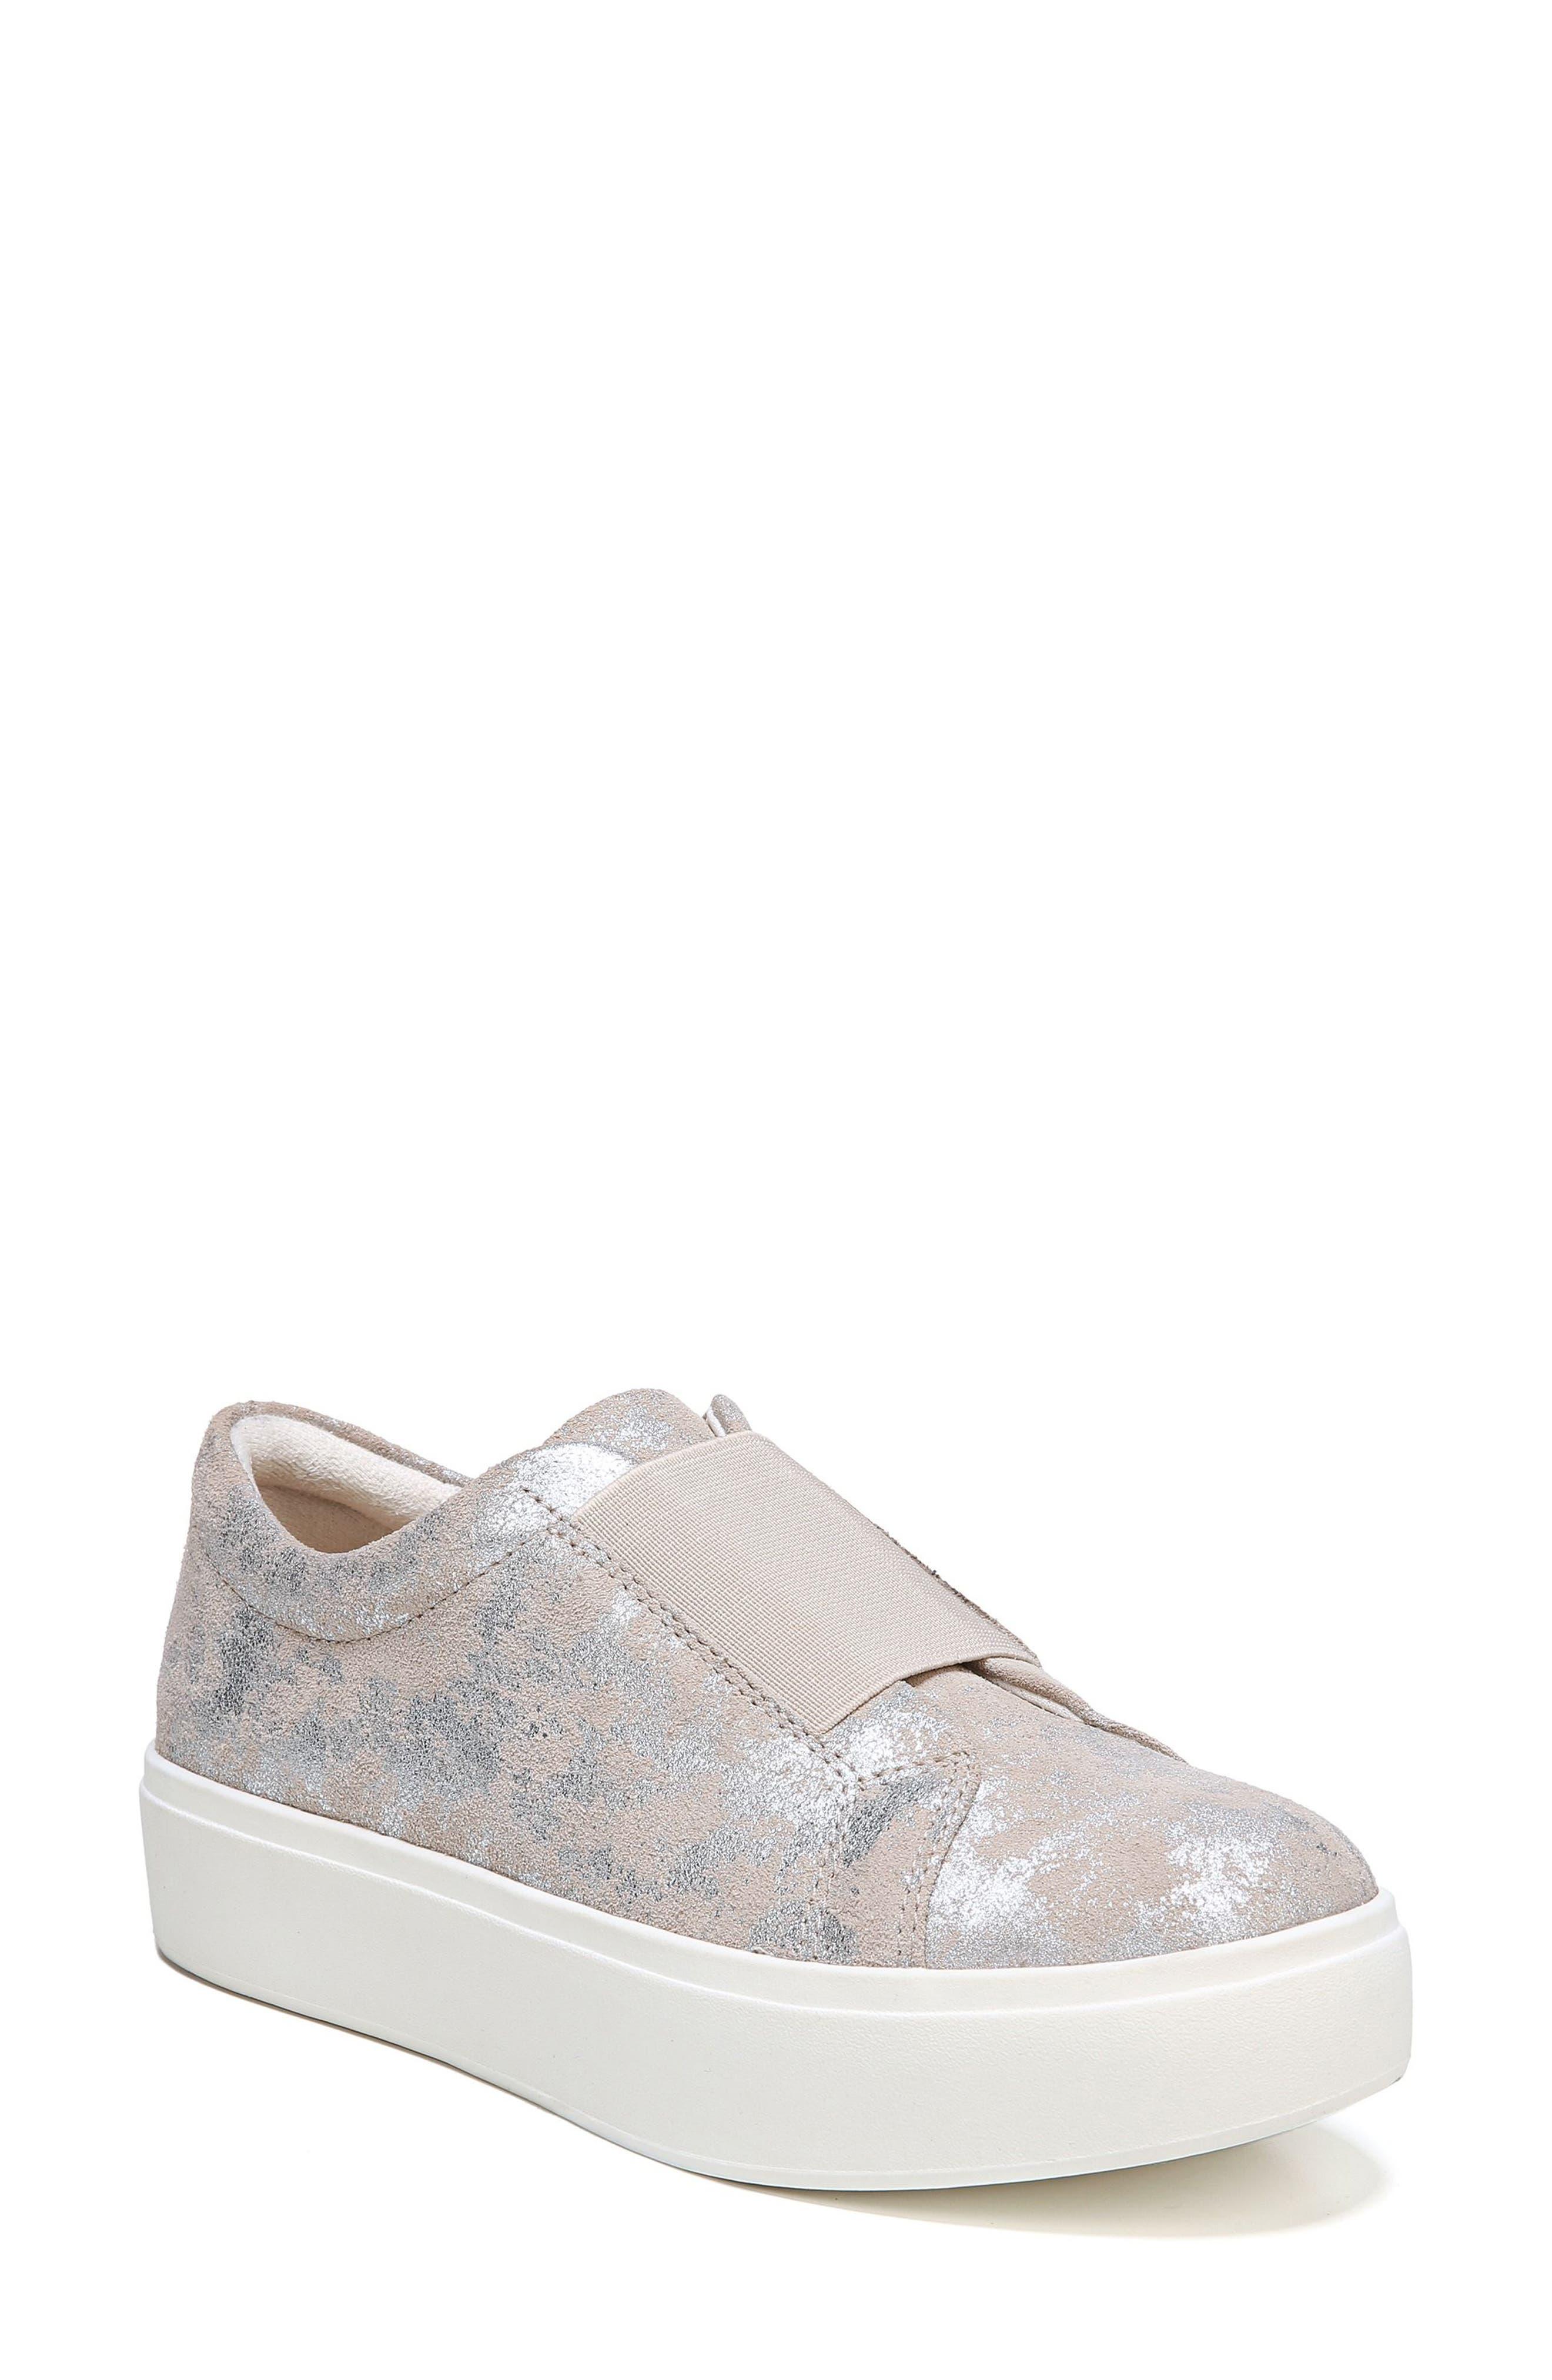 Abbot Slip-On Sneaker,                             Main thumbnail 1, color,